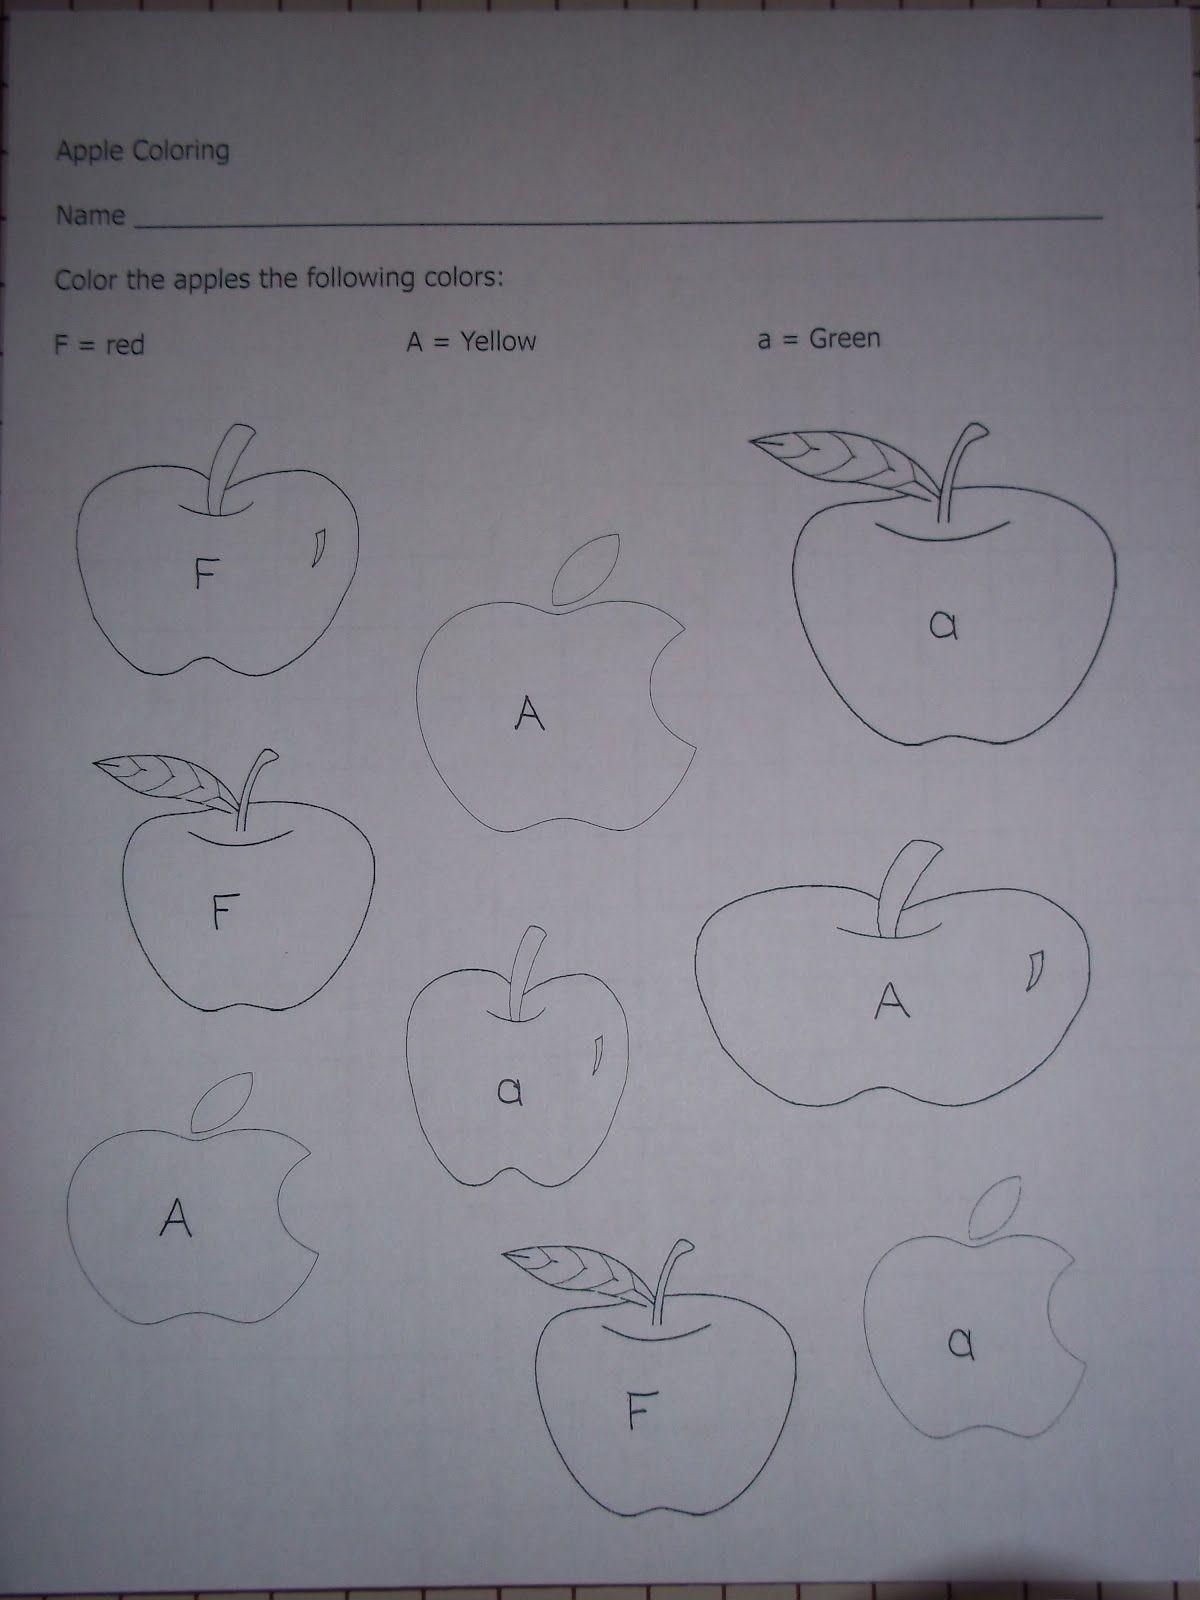 Apple Coloring Worksheet